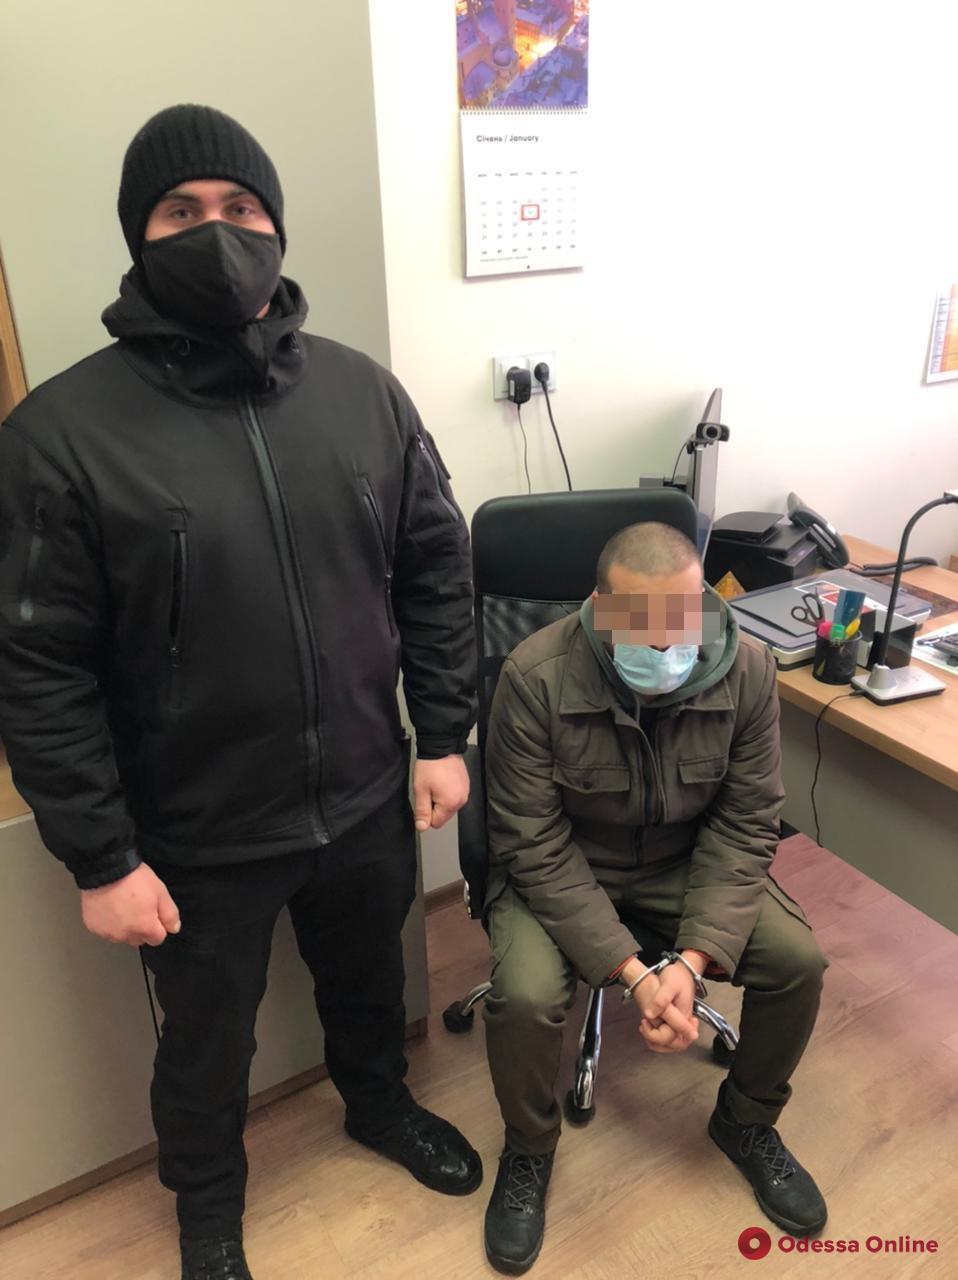 В Одесской области пограничники задержали иностранца, разыскиваемого за изнасилование